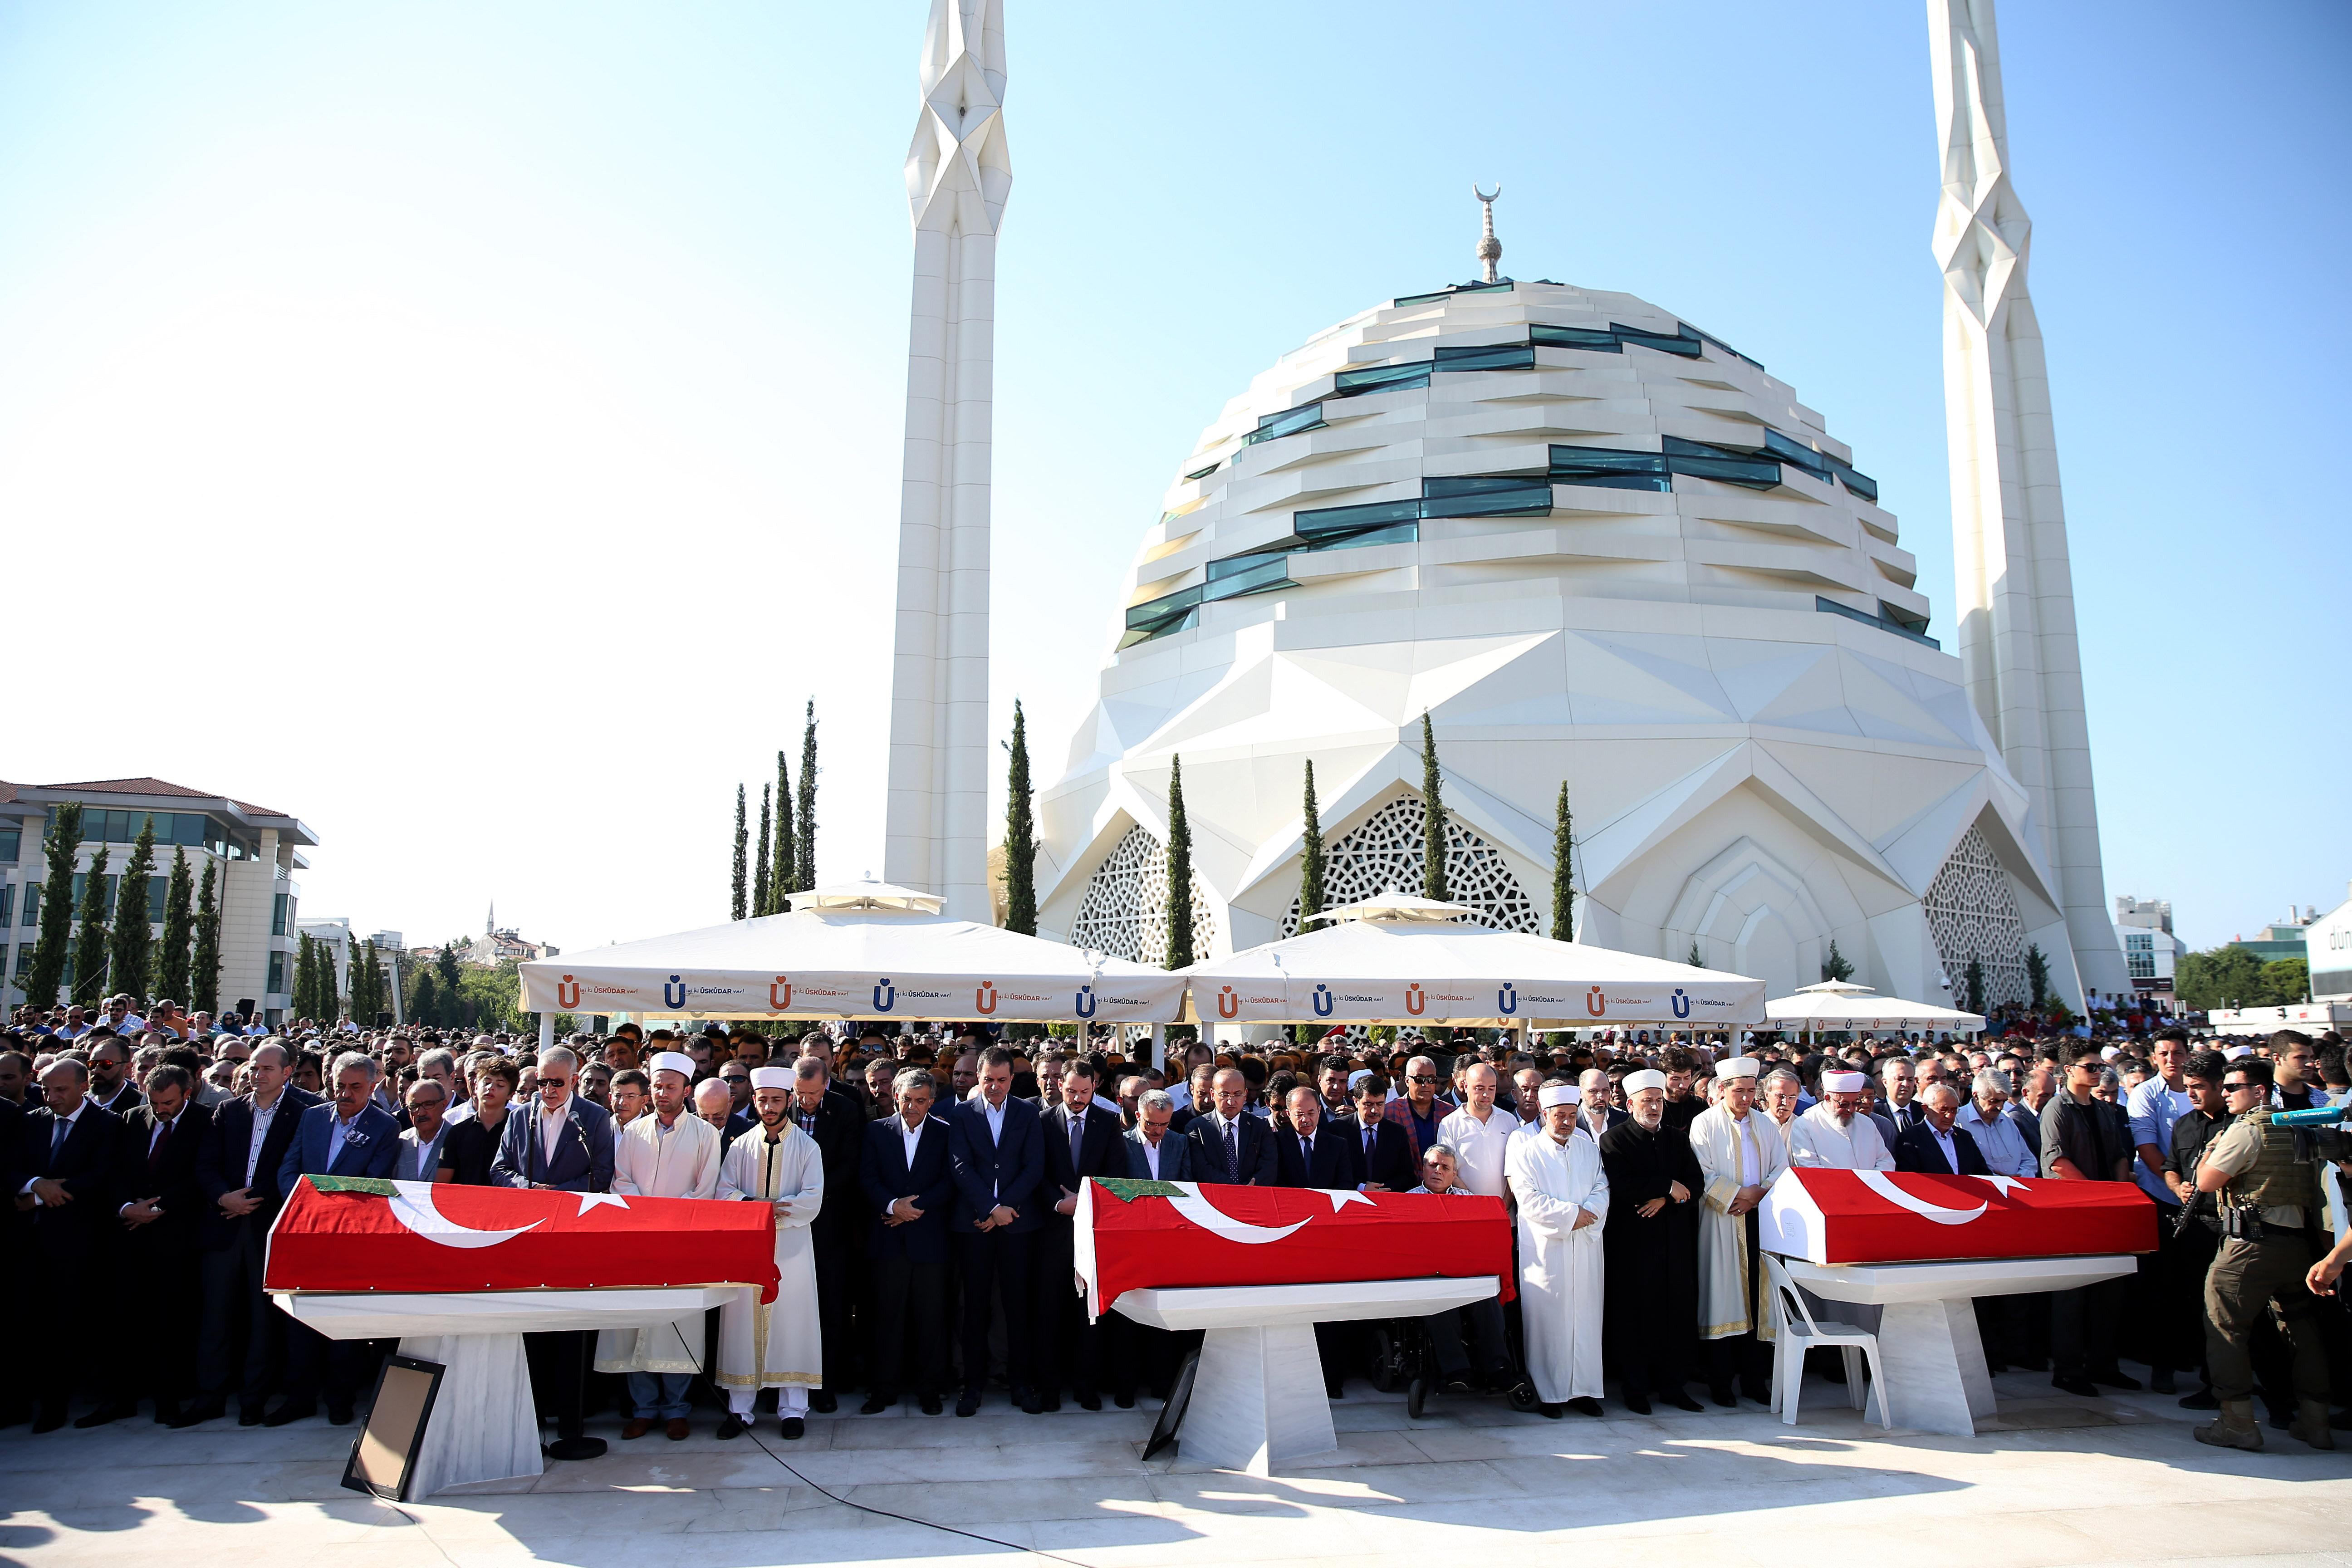 Cenaze törenine Cumhurbaşkanı Erdoğan, 11 Cumhurbaşkanı Abdullah Gül, bakanlar, milletvekilleri, mesai arkadaşları, yakınları ile çok sayıda vatandaş katıldı.